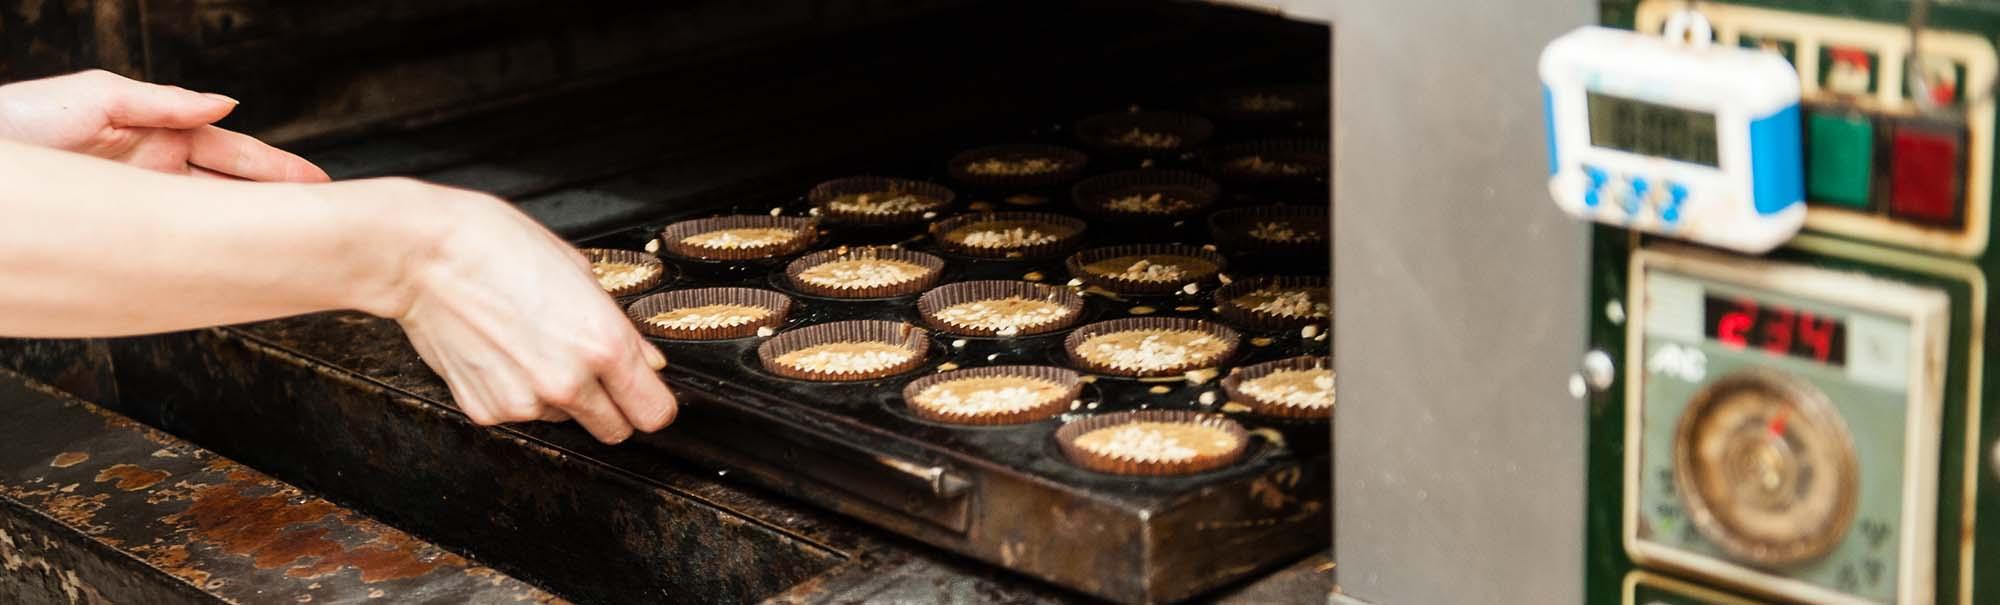 桂圓蛋糕製作過程 (11).jpg